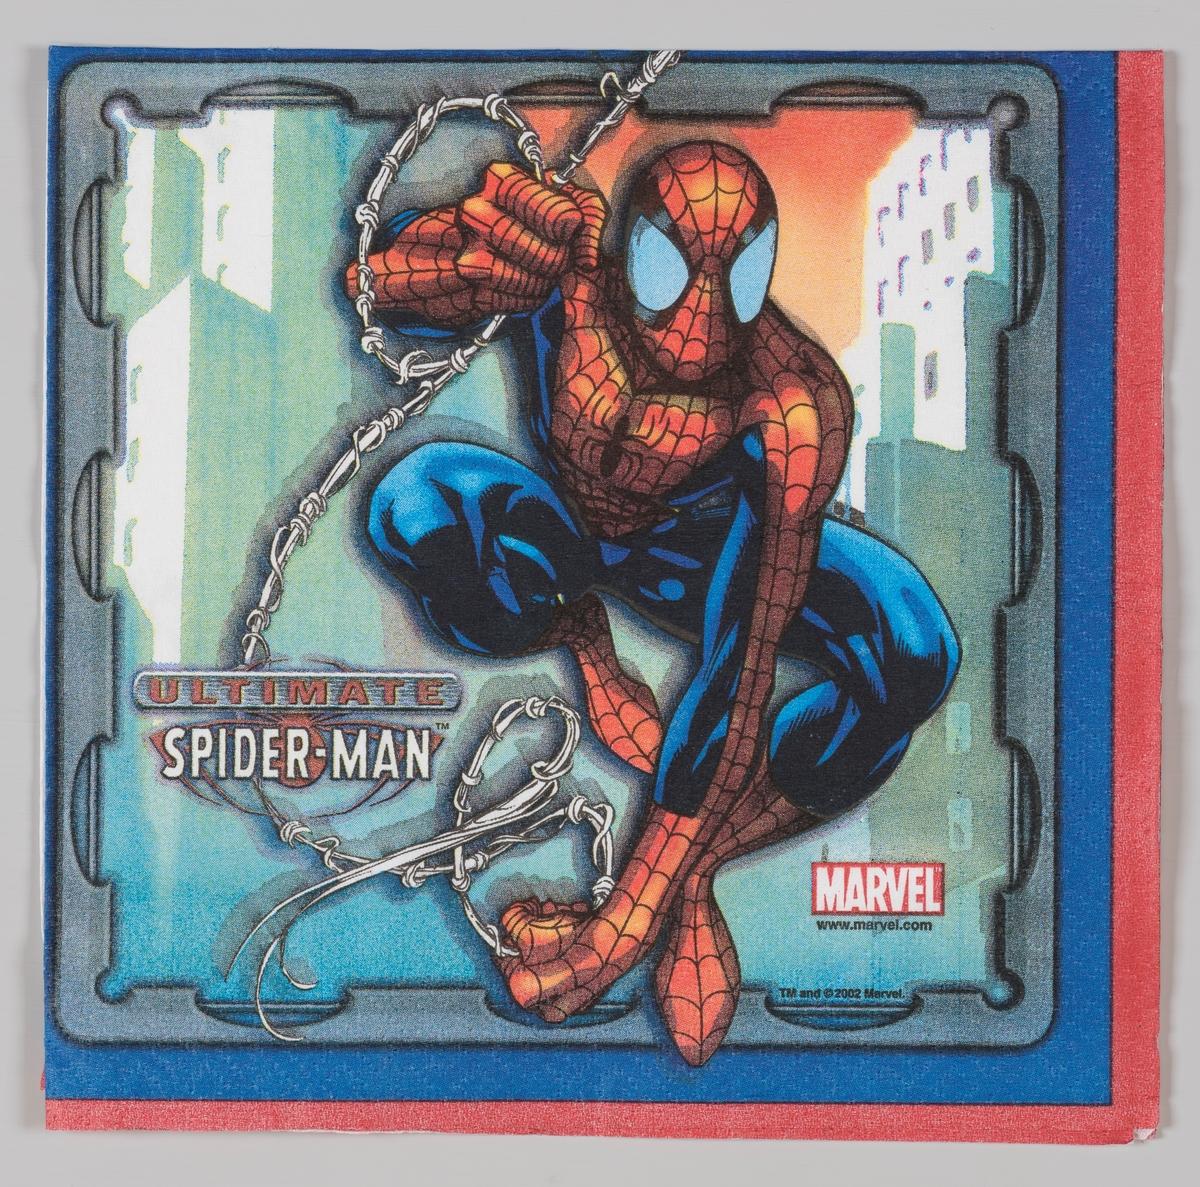 Spiderman  Spider-man er en amerikansk tegneseriefigur som er skapt i 1962 og tilhører selskapet Marvels superhelte univers. I Norge utkom en tegneserie med figuren med navnet Edderkoppen i 1968. I 1999 var serien tilbake i Norge under navnet Spider-Man. Tre amerikanske kinofilmer med Spider-Man er produsert i 2002, 2004 og 2007.